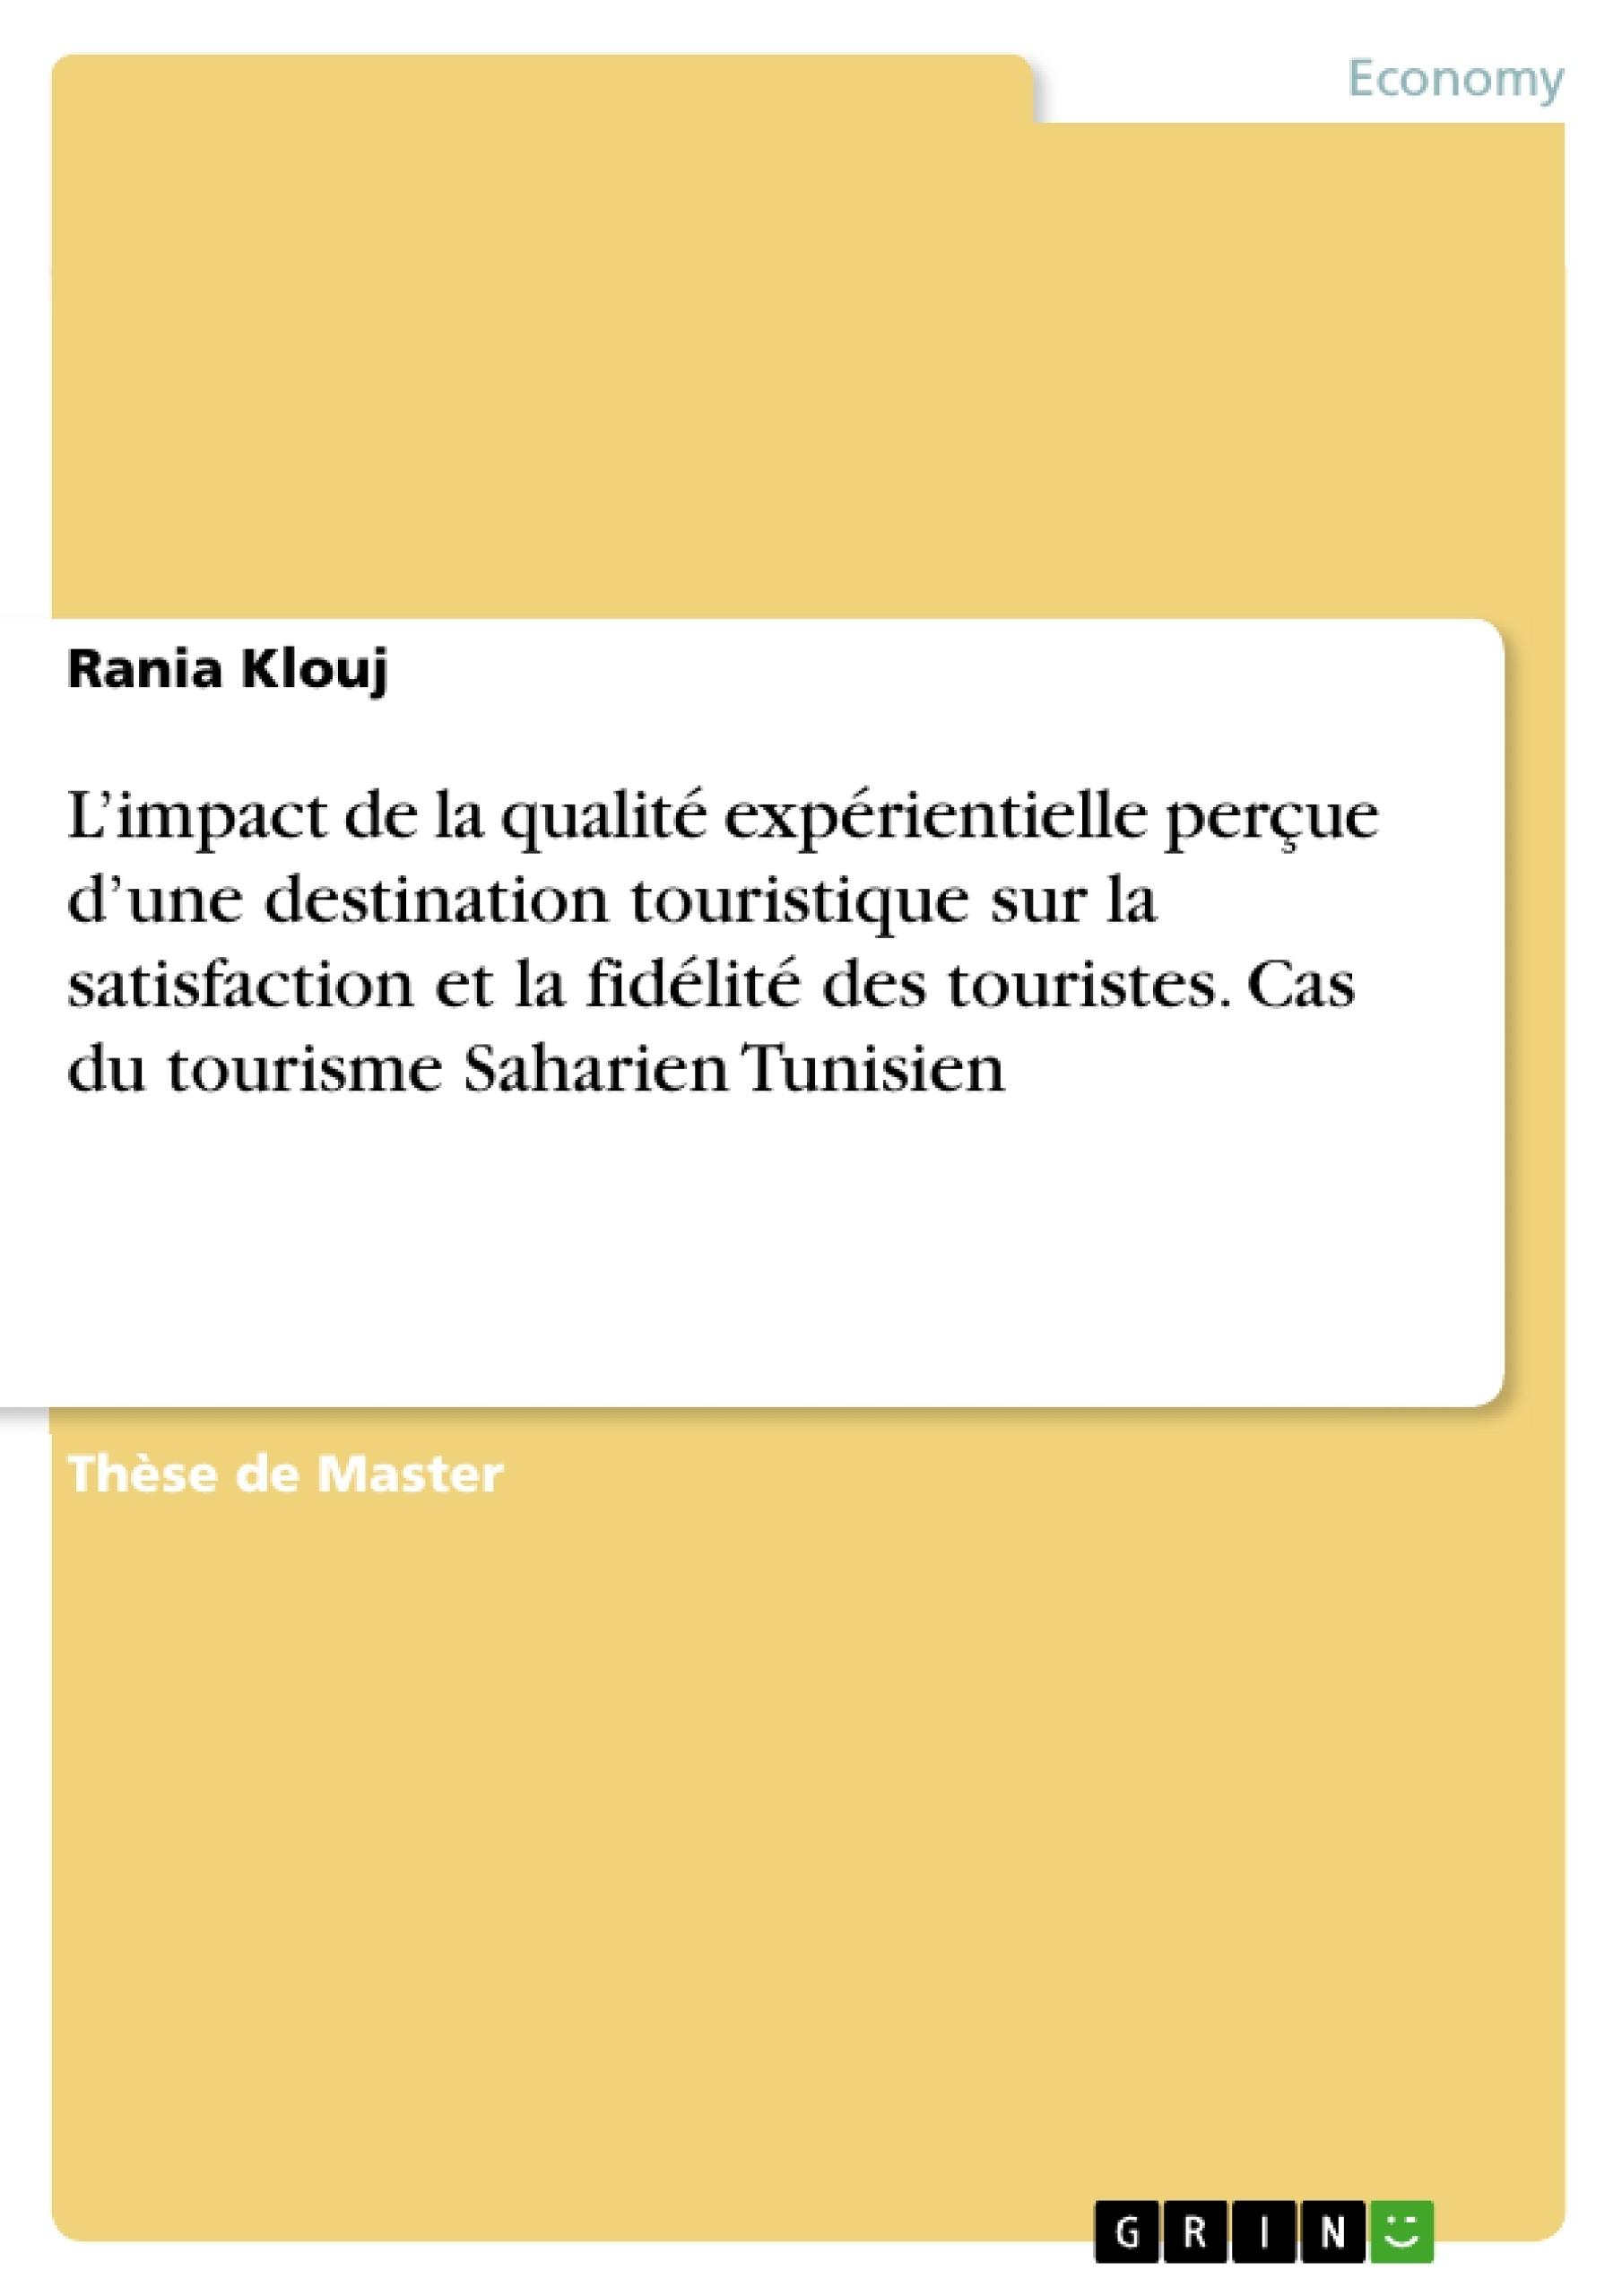 Titre: L'impact de la qualité expérientielle perçue d'une destination touristique sur la satisfaction et la fidélité des touristes. Cas du tourisme Saharien Tunisien